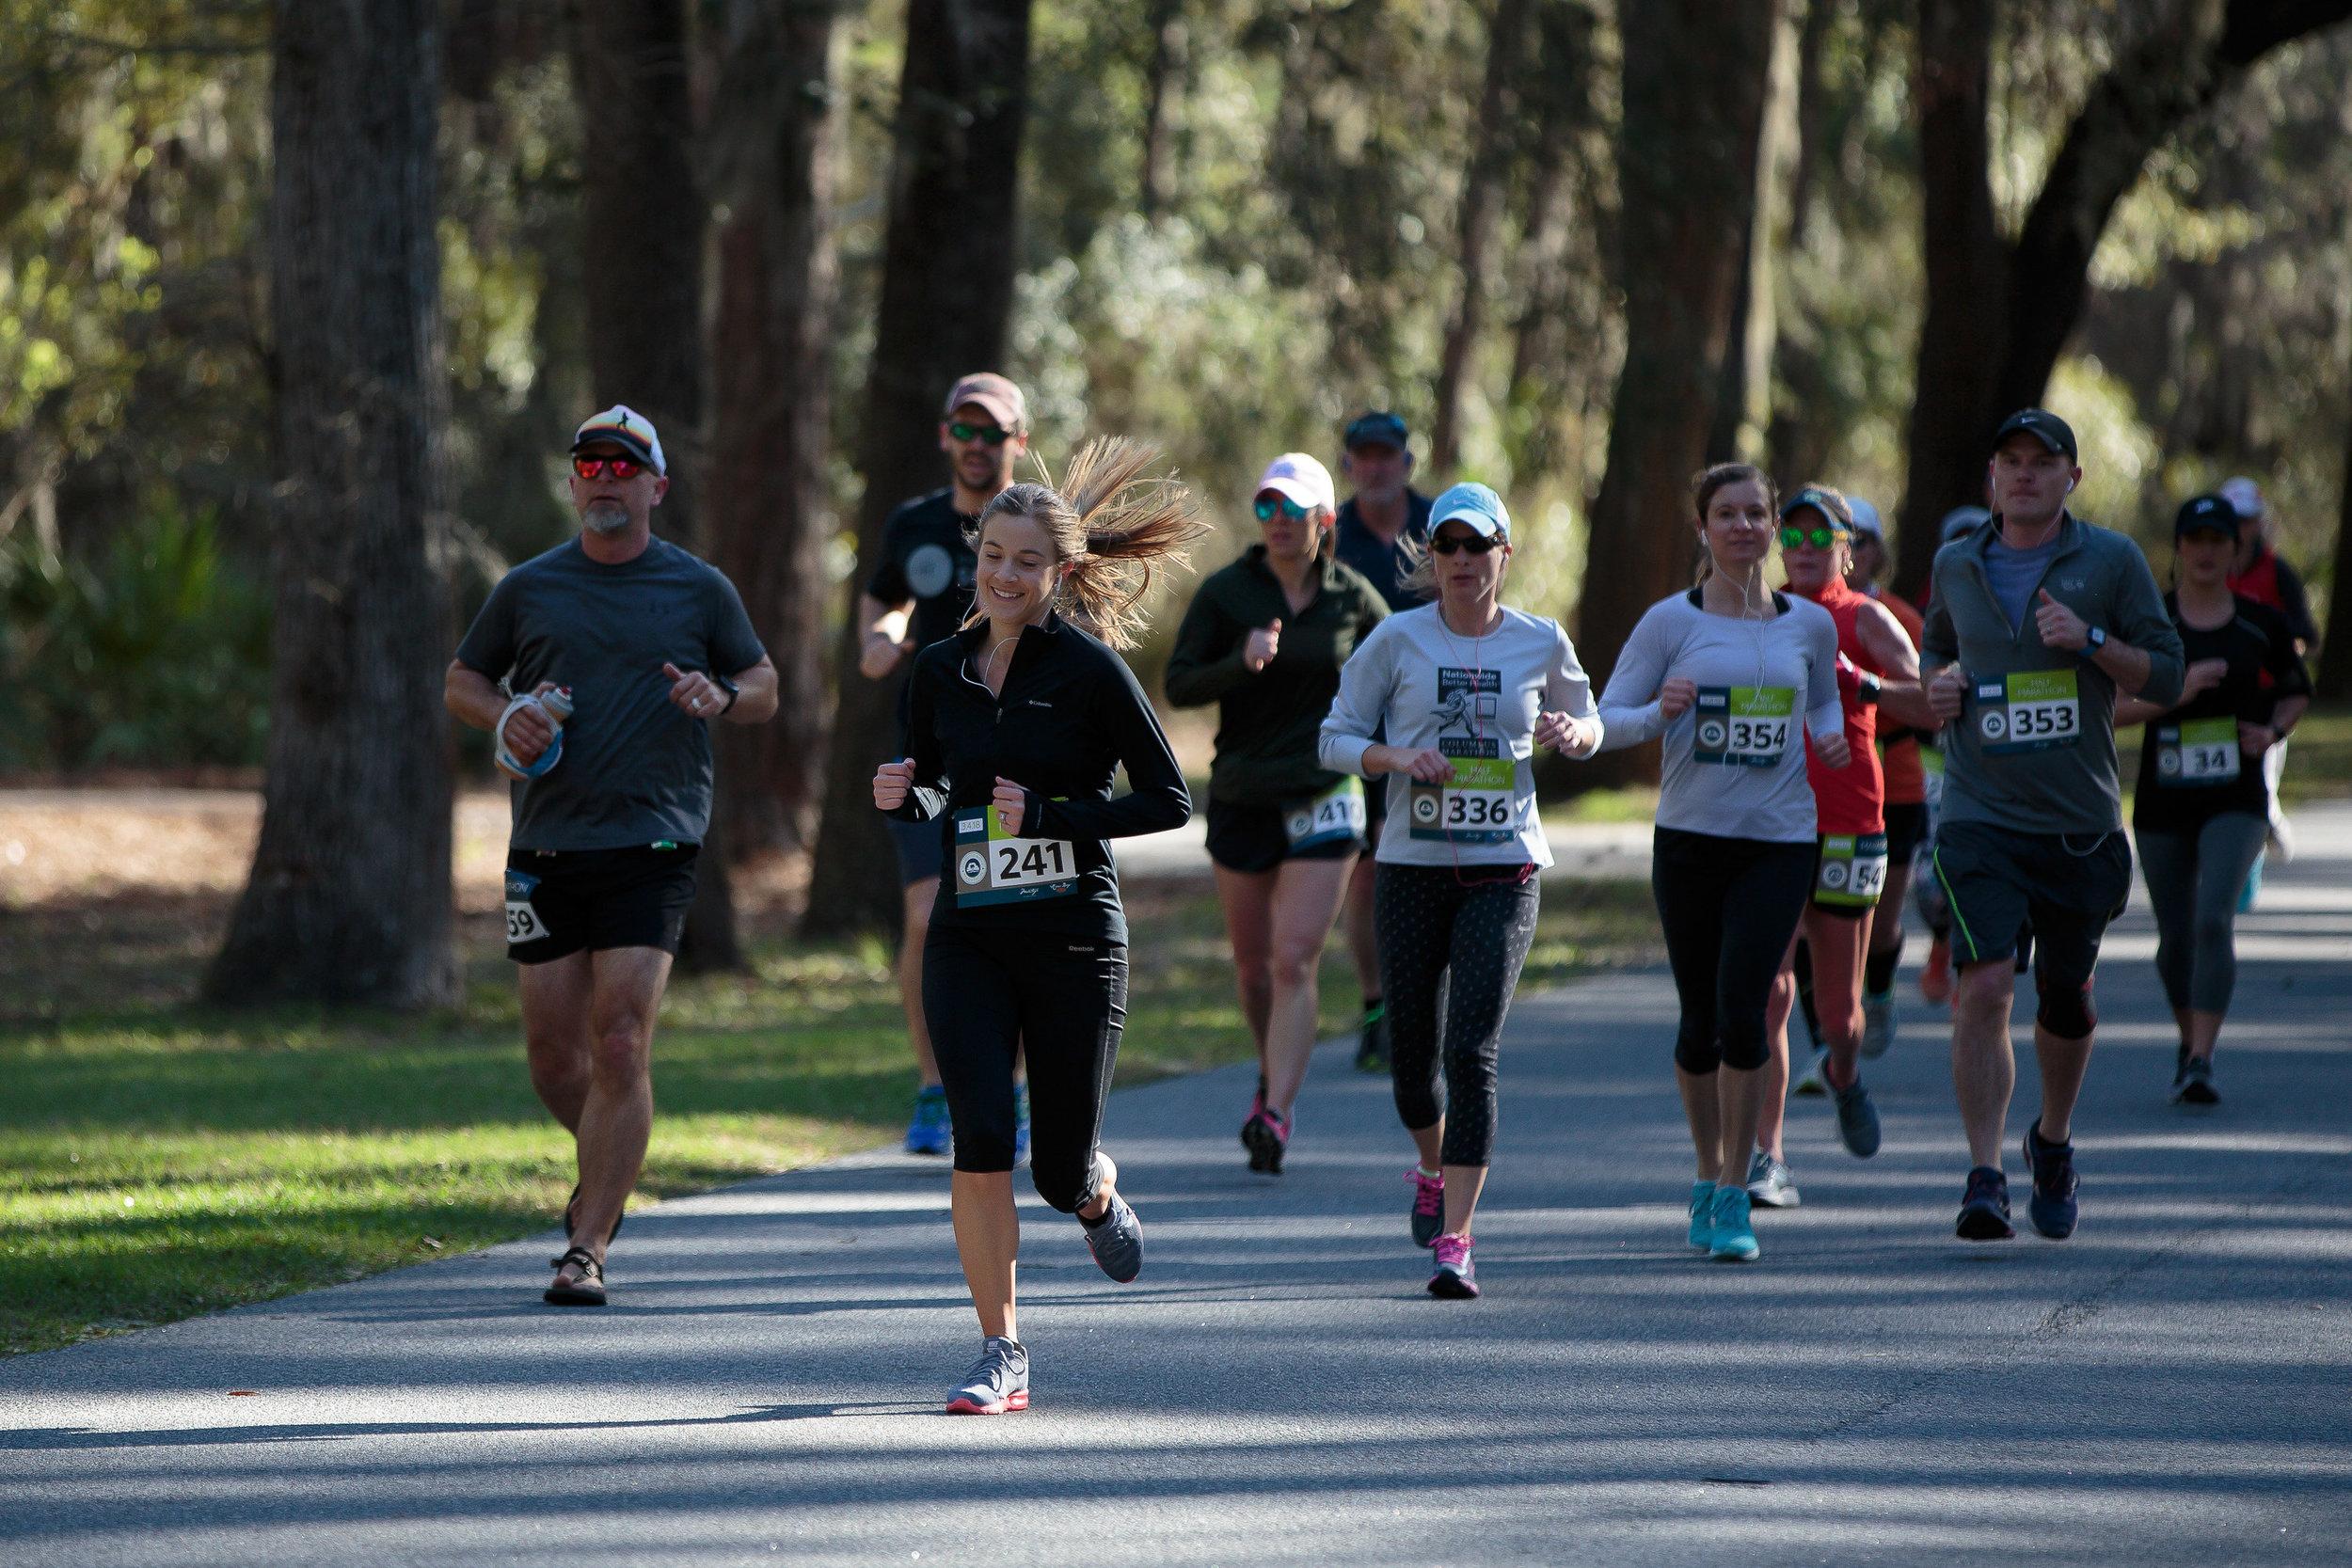 0101-PalmettoBluff-Marathon2018.jpg